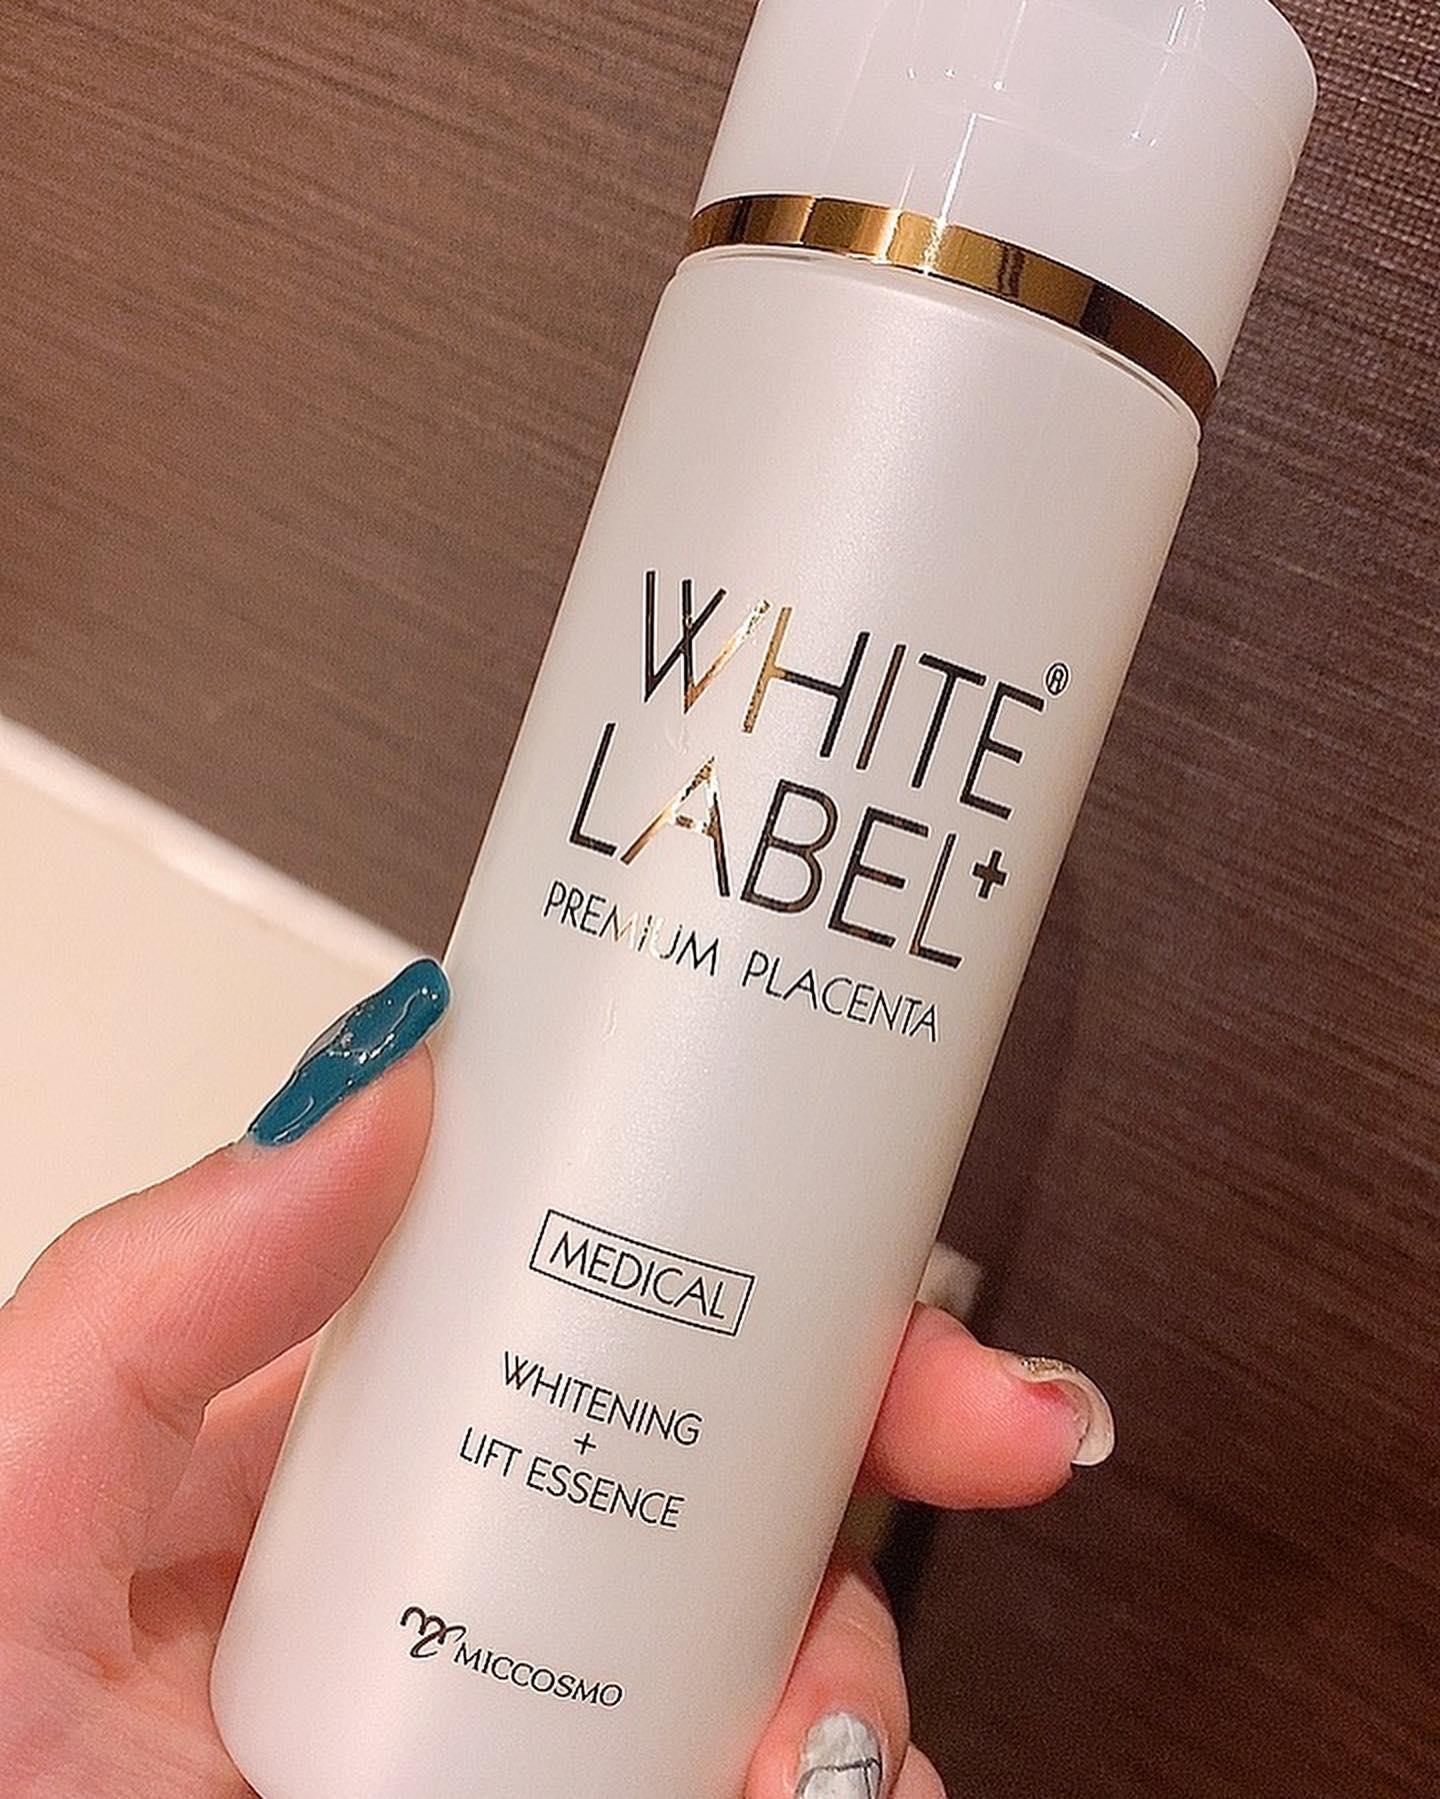 口コミ投稿:広島旅行のお供にこの化粧水持ってきましたホテルと飛行機は無限乾燥地獄なので、保…